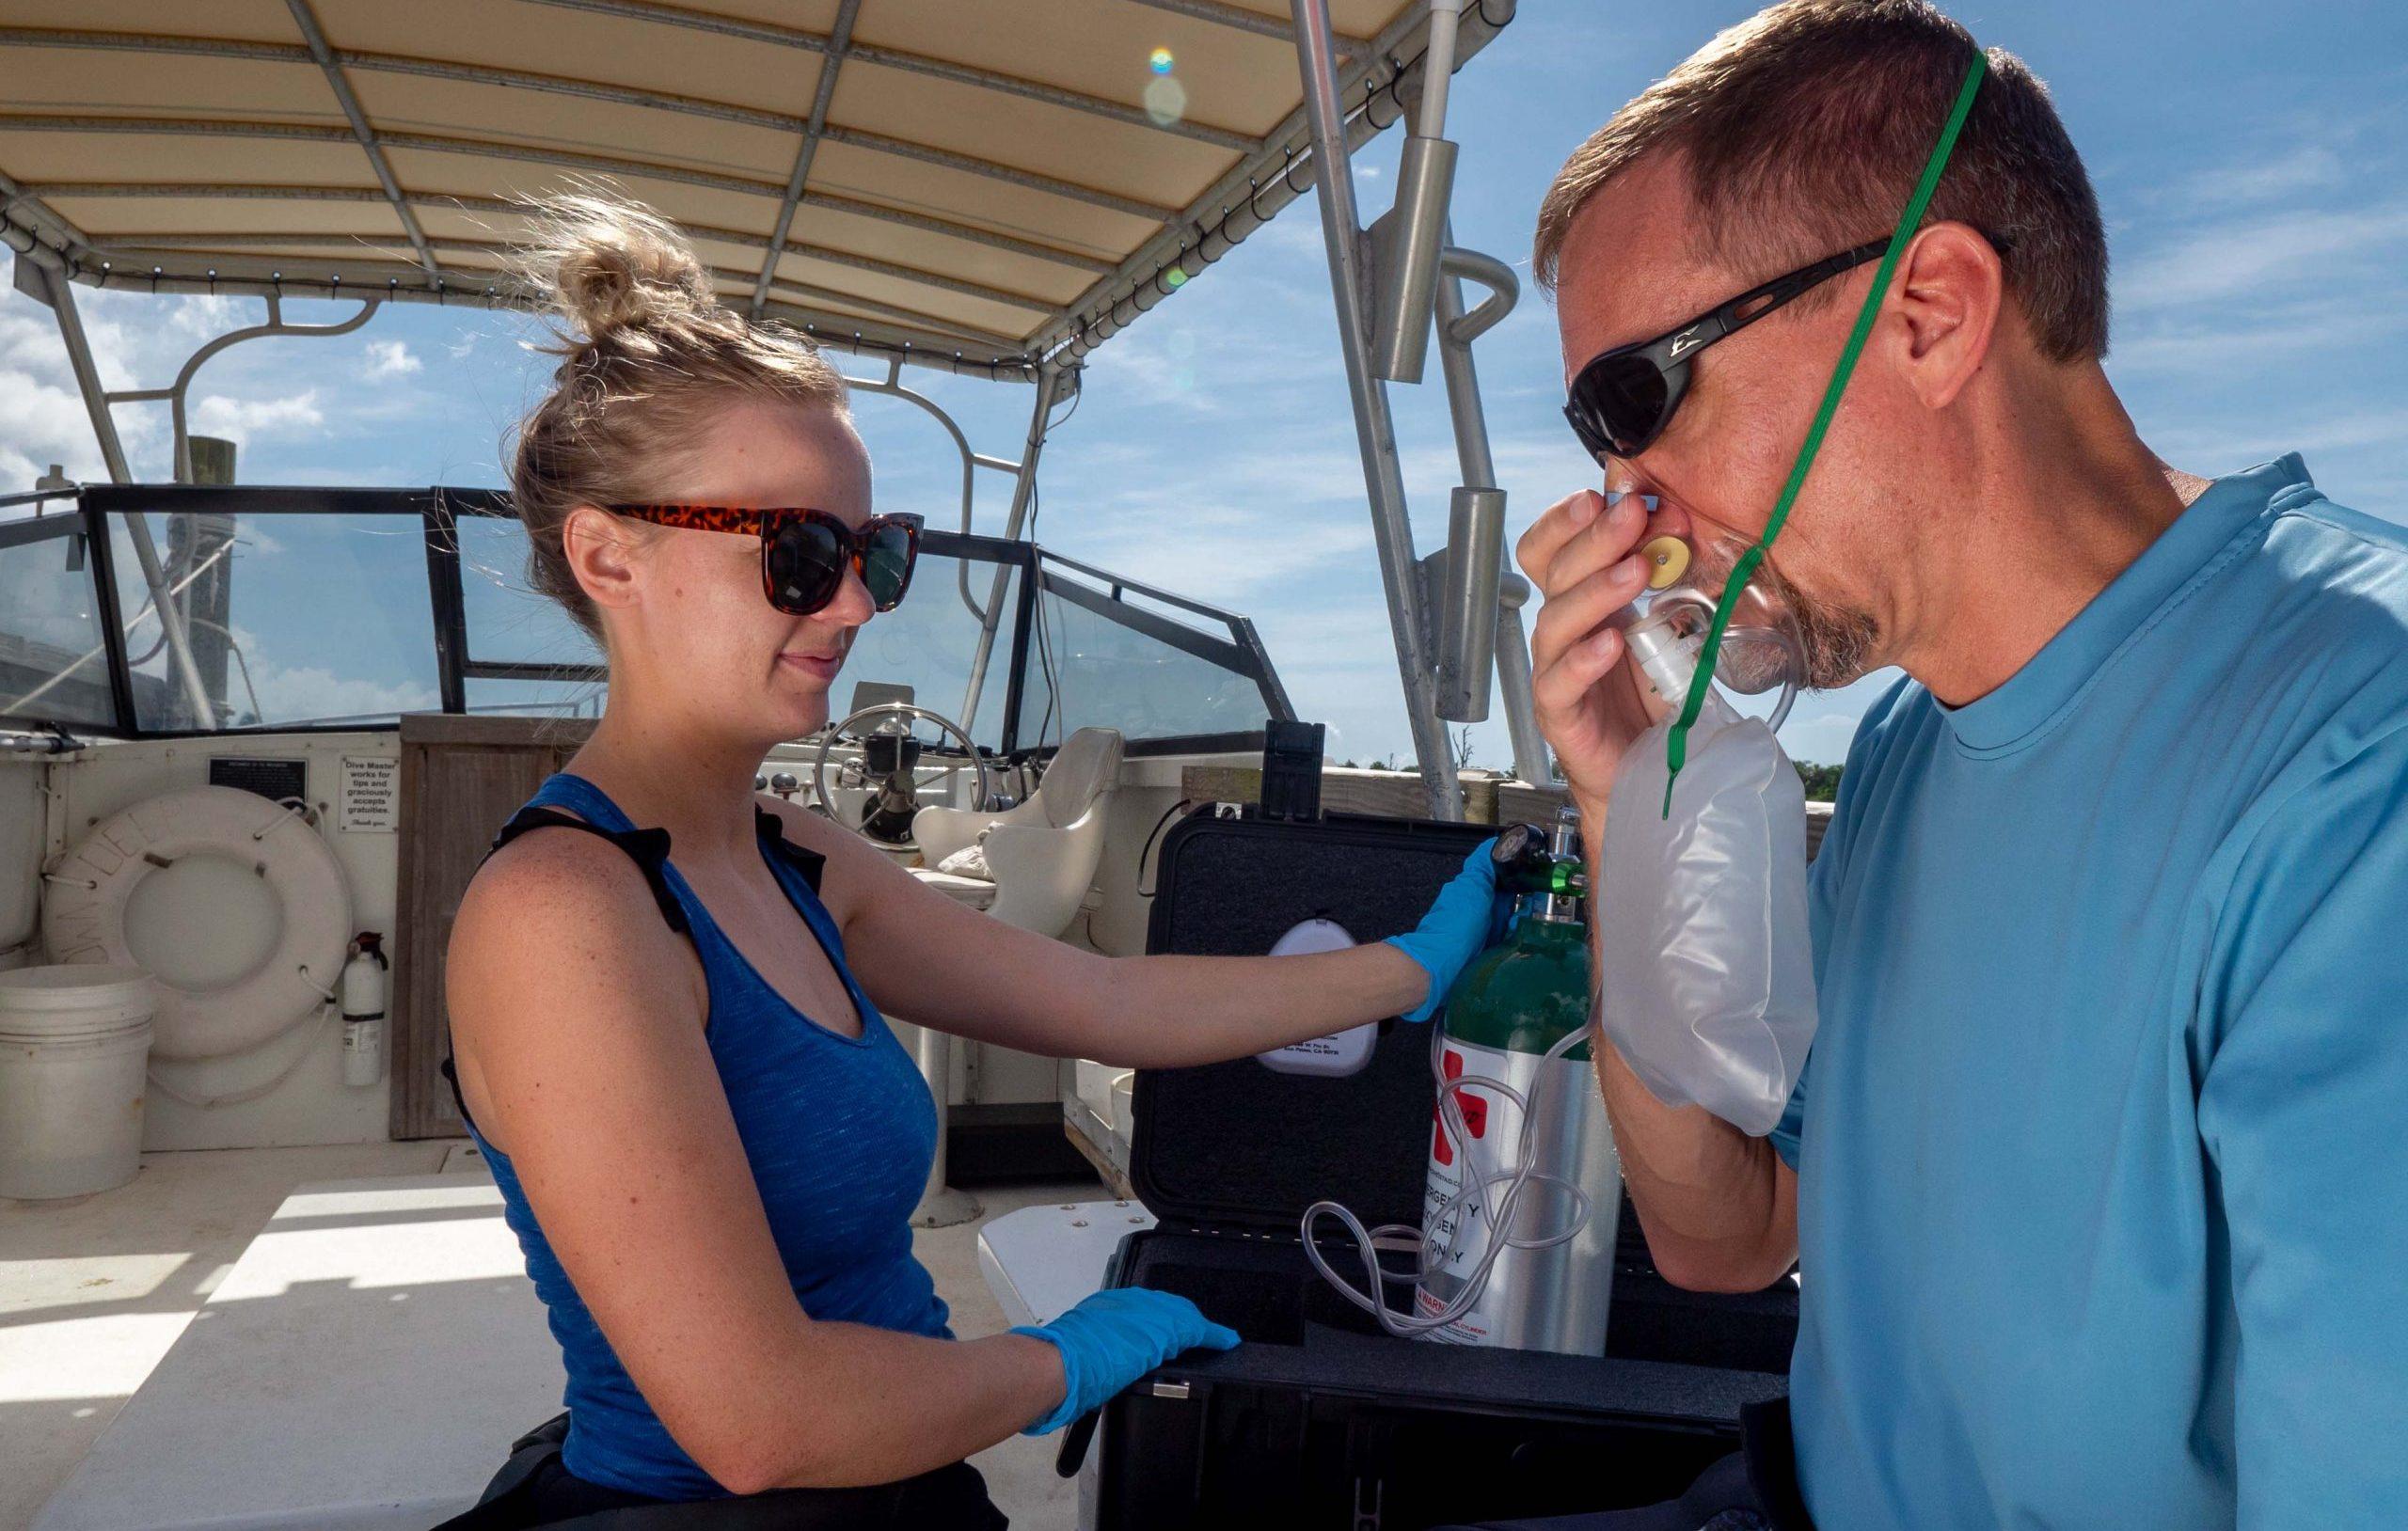 Eerste reactie-zuurstof-toediening-op-een-boot-foto